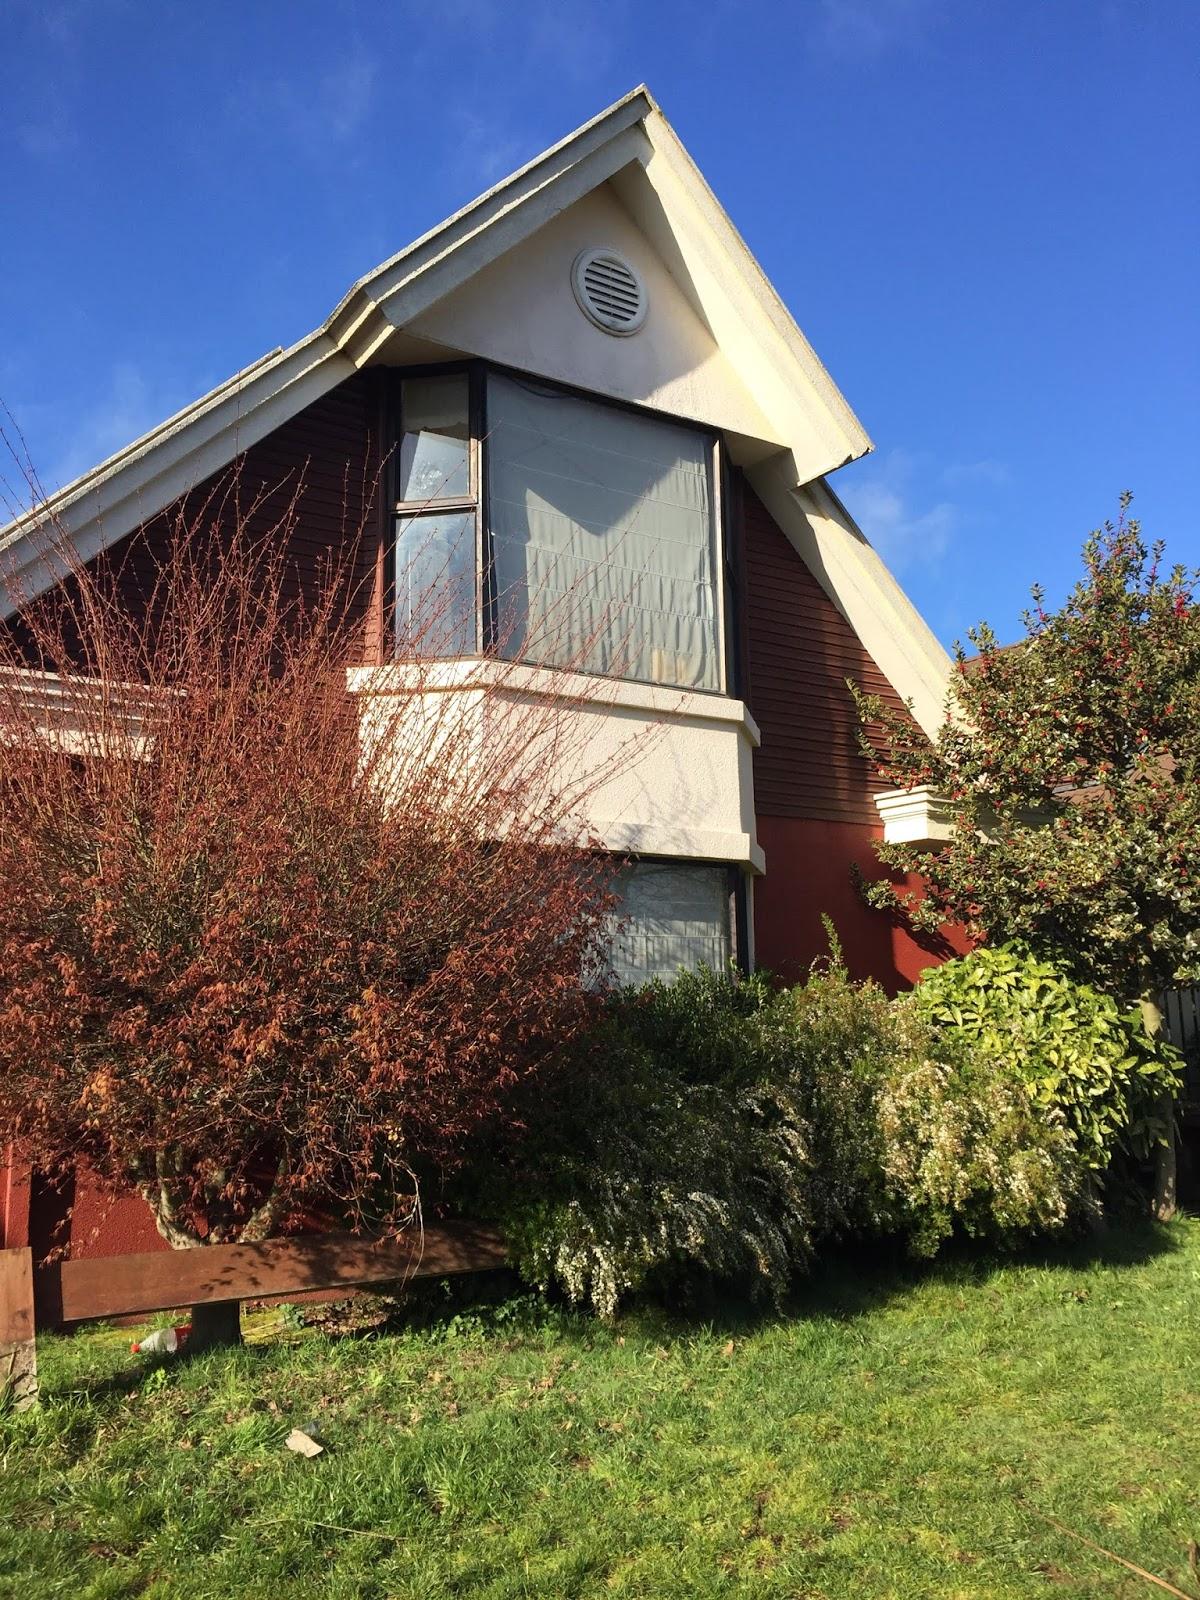 Rachel propiedades arriendo de casa con 4d en barrio ingl s for Arriendo de casas